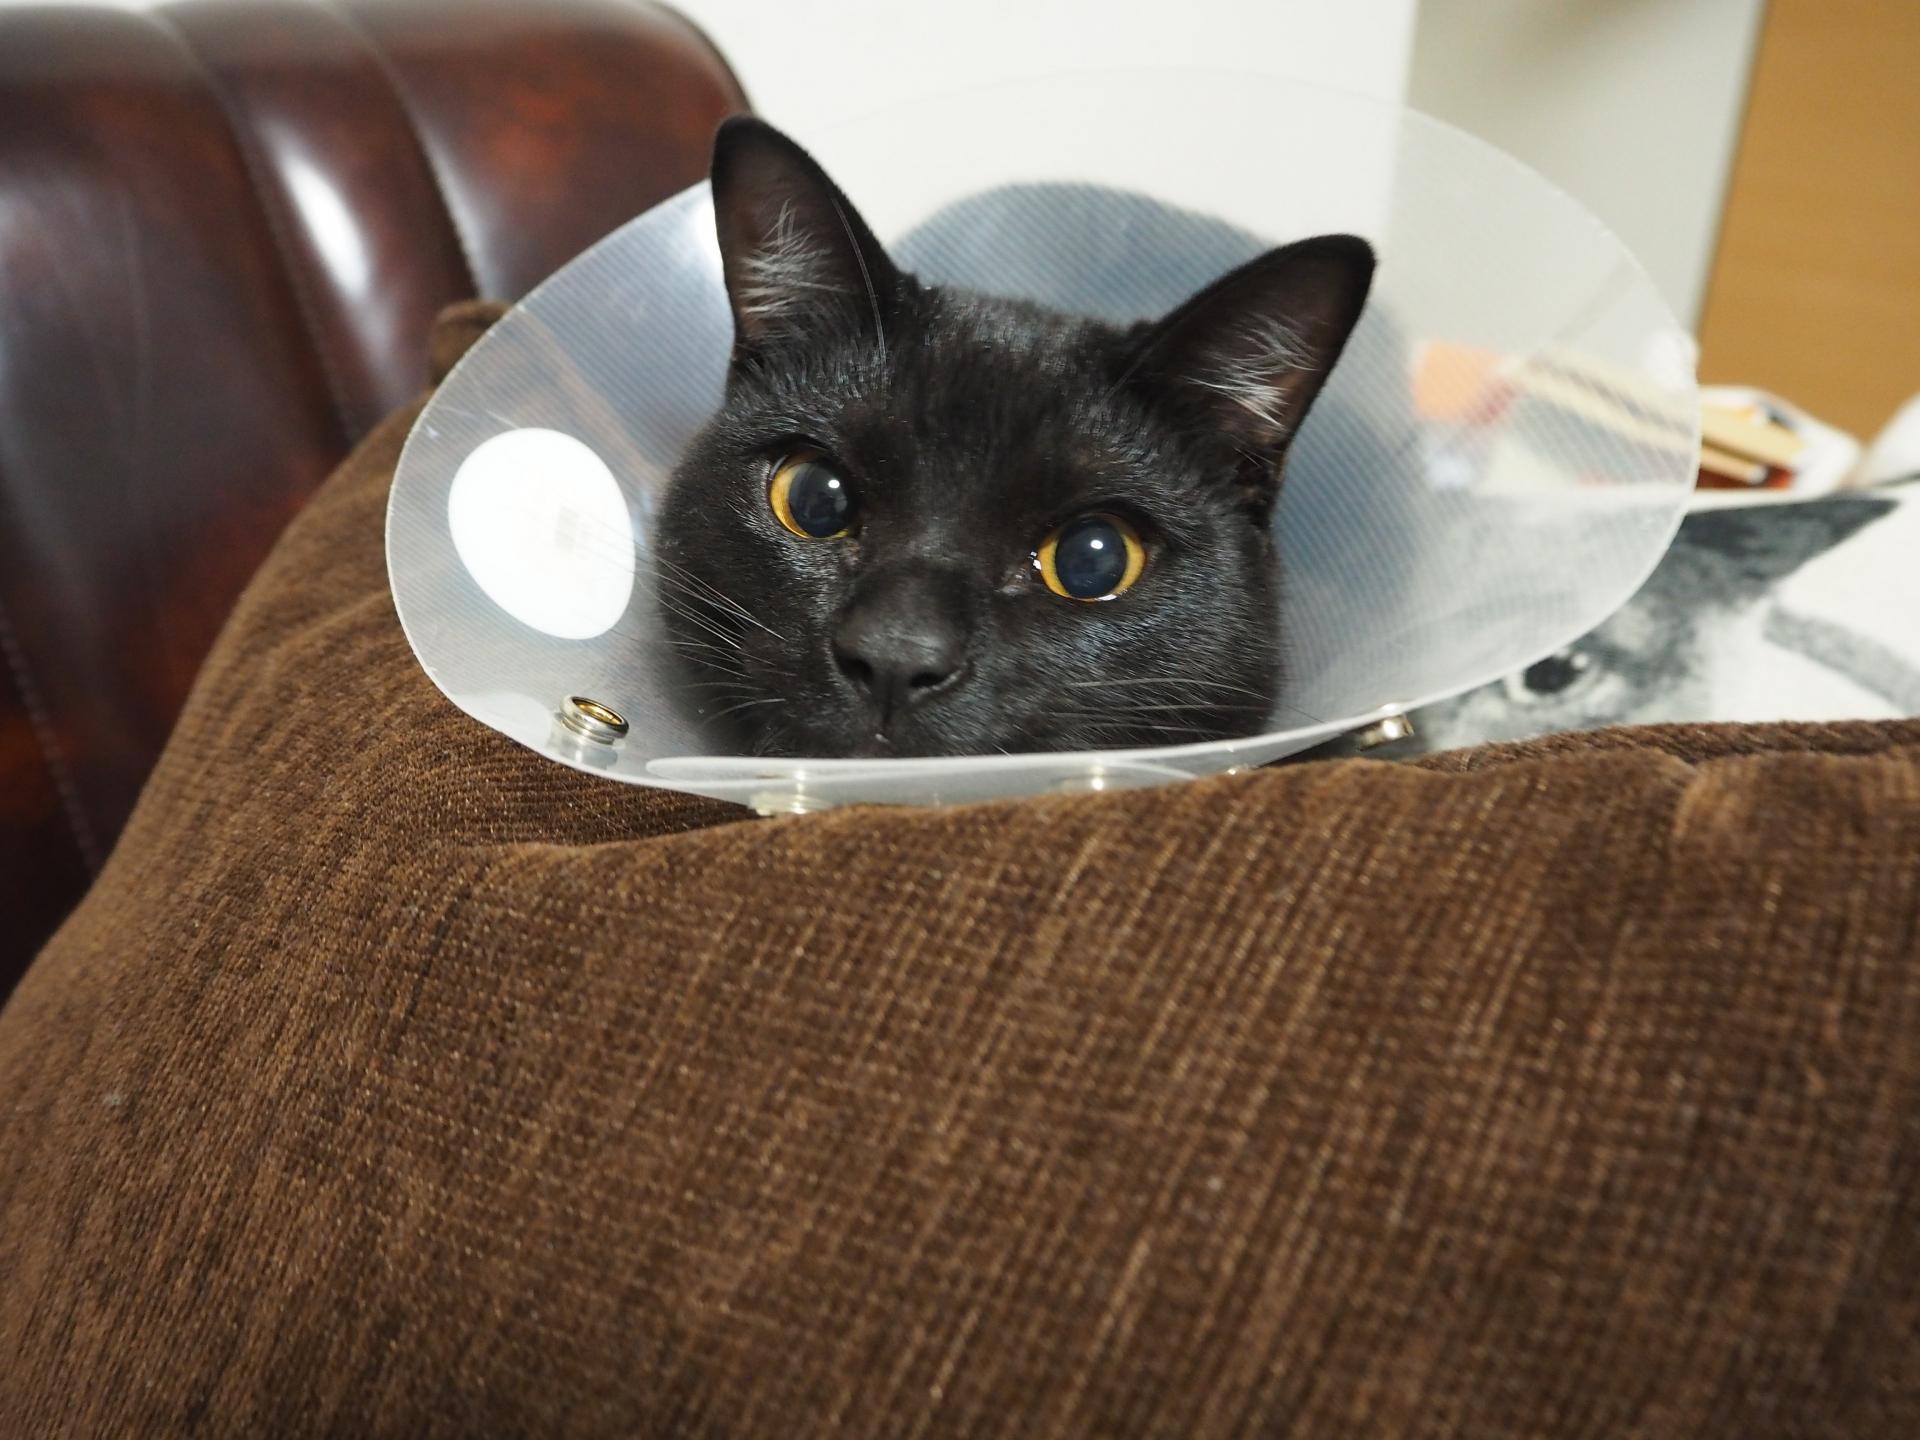 猫がエリザベスカラーのせいで水が飲めない時は食器に工夫